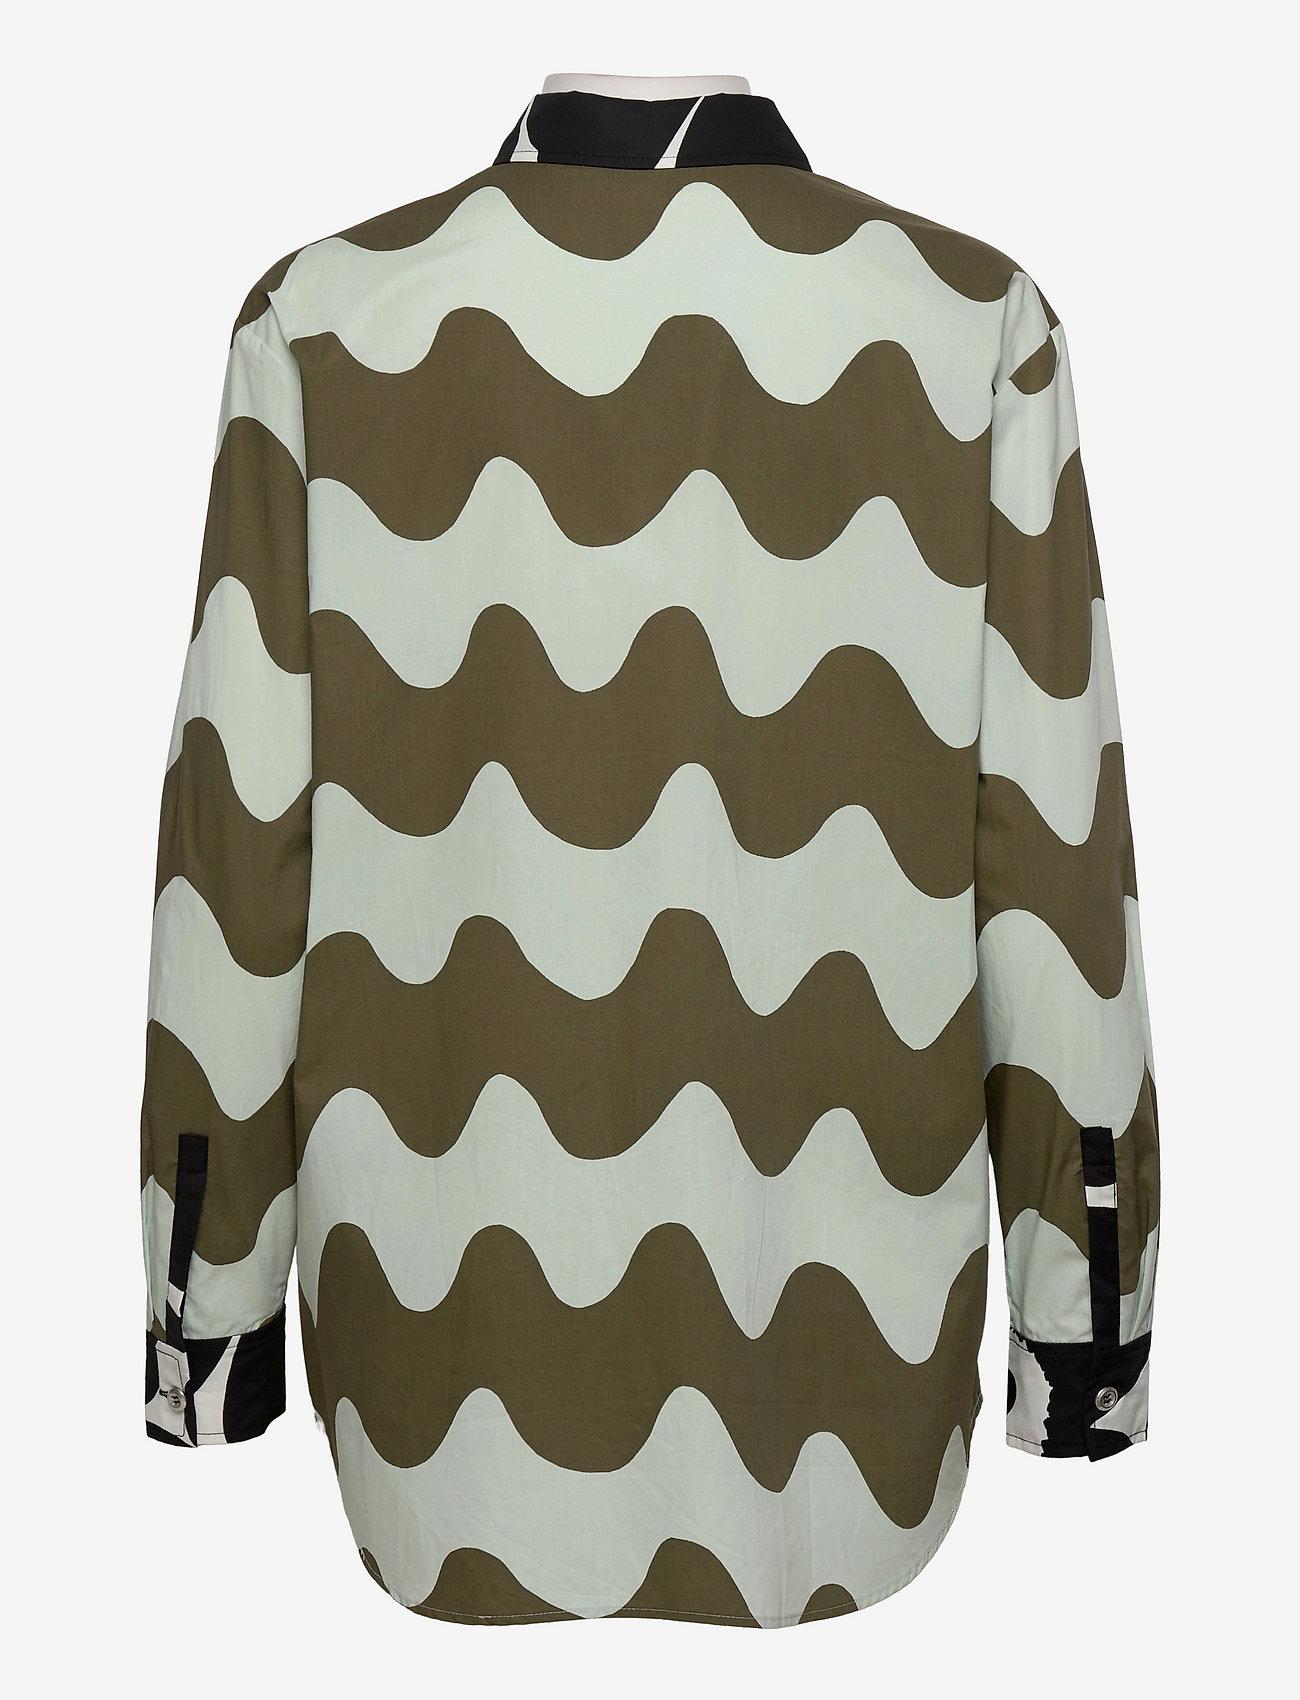 Marimekko - HOPEASINI SHIRT - langærmede skjorter - dark green, off-white, black - 1